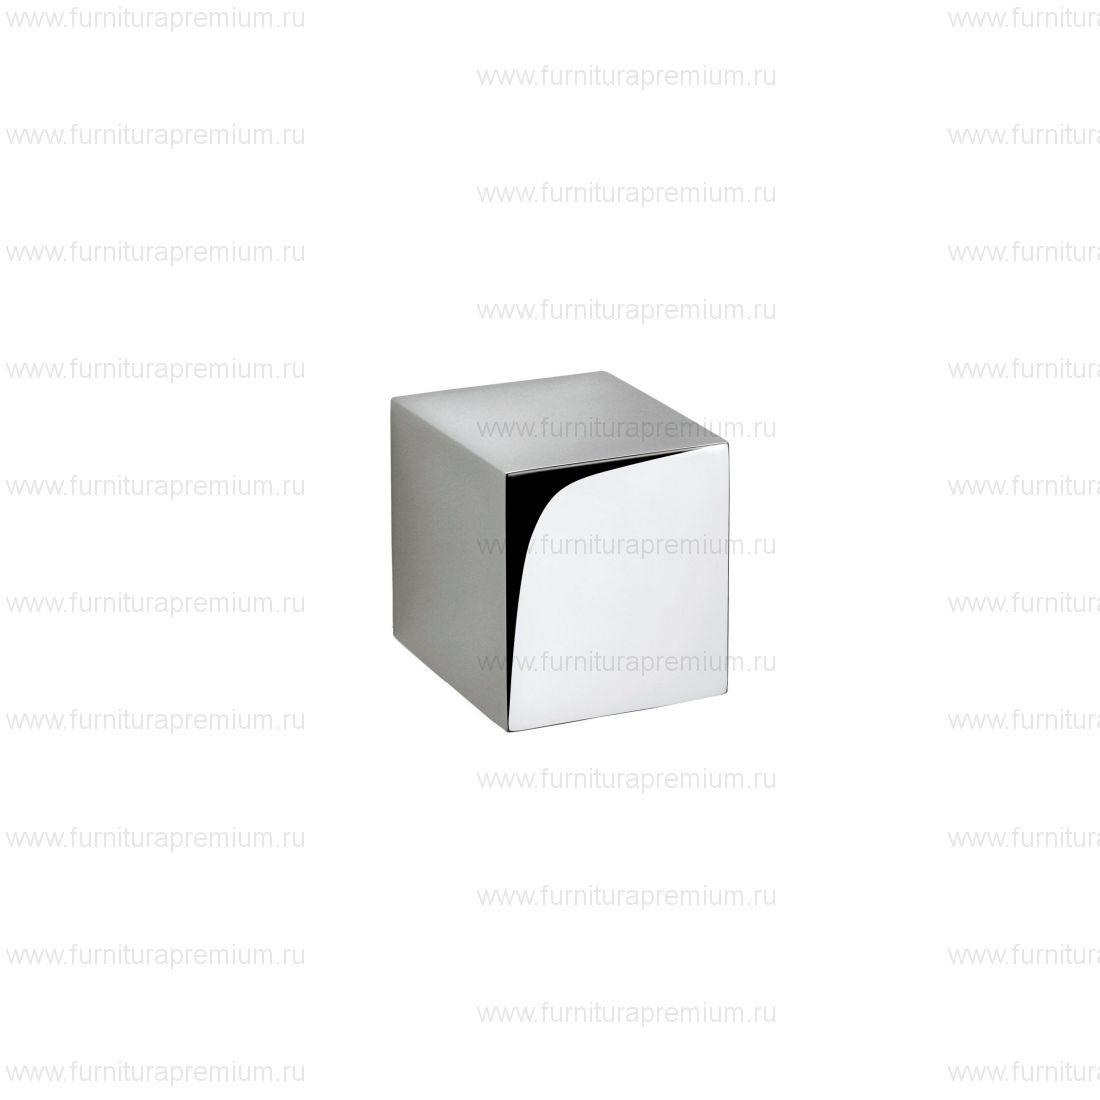 Ручка - кноб Groel 327 Dado